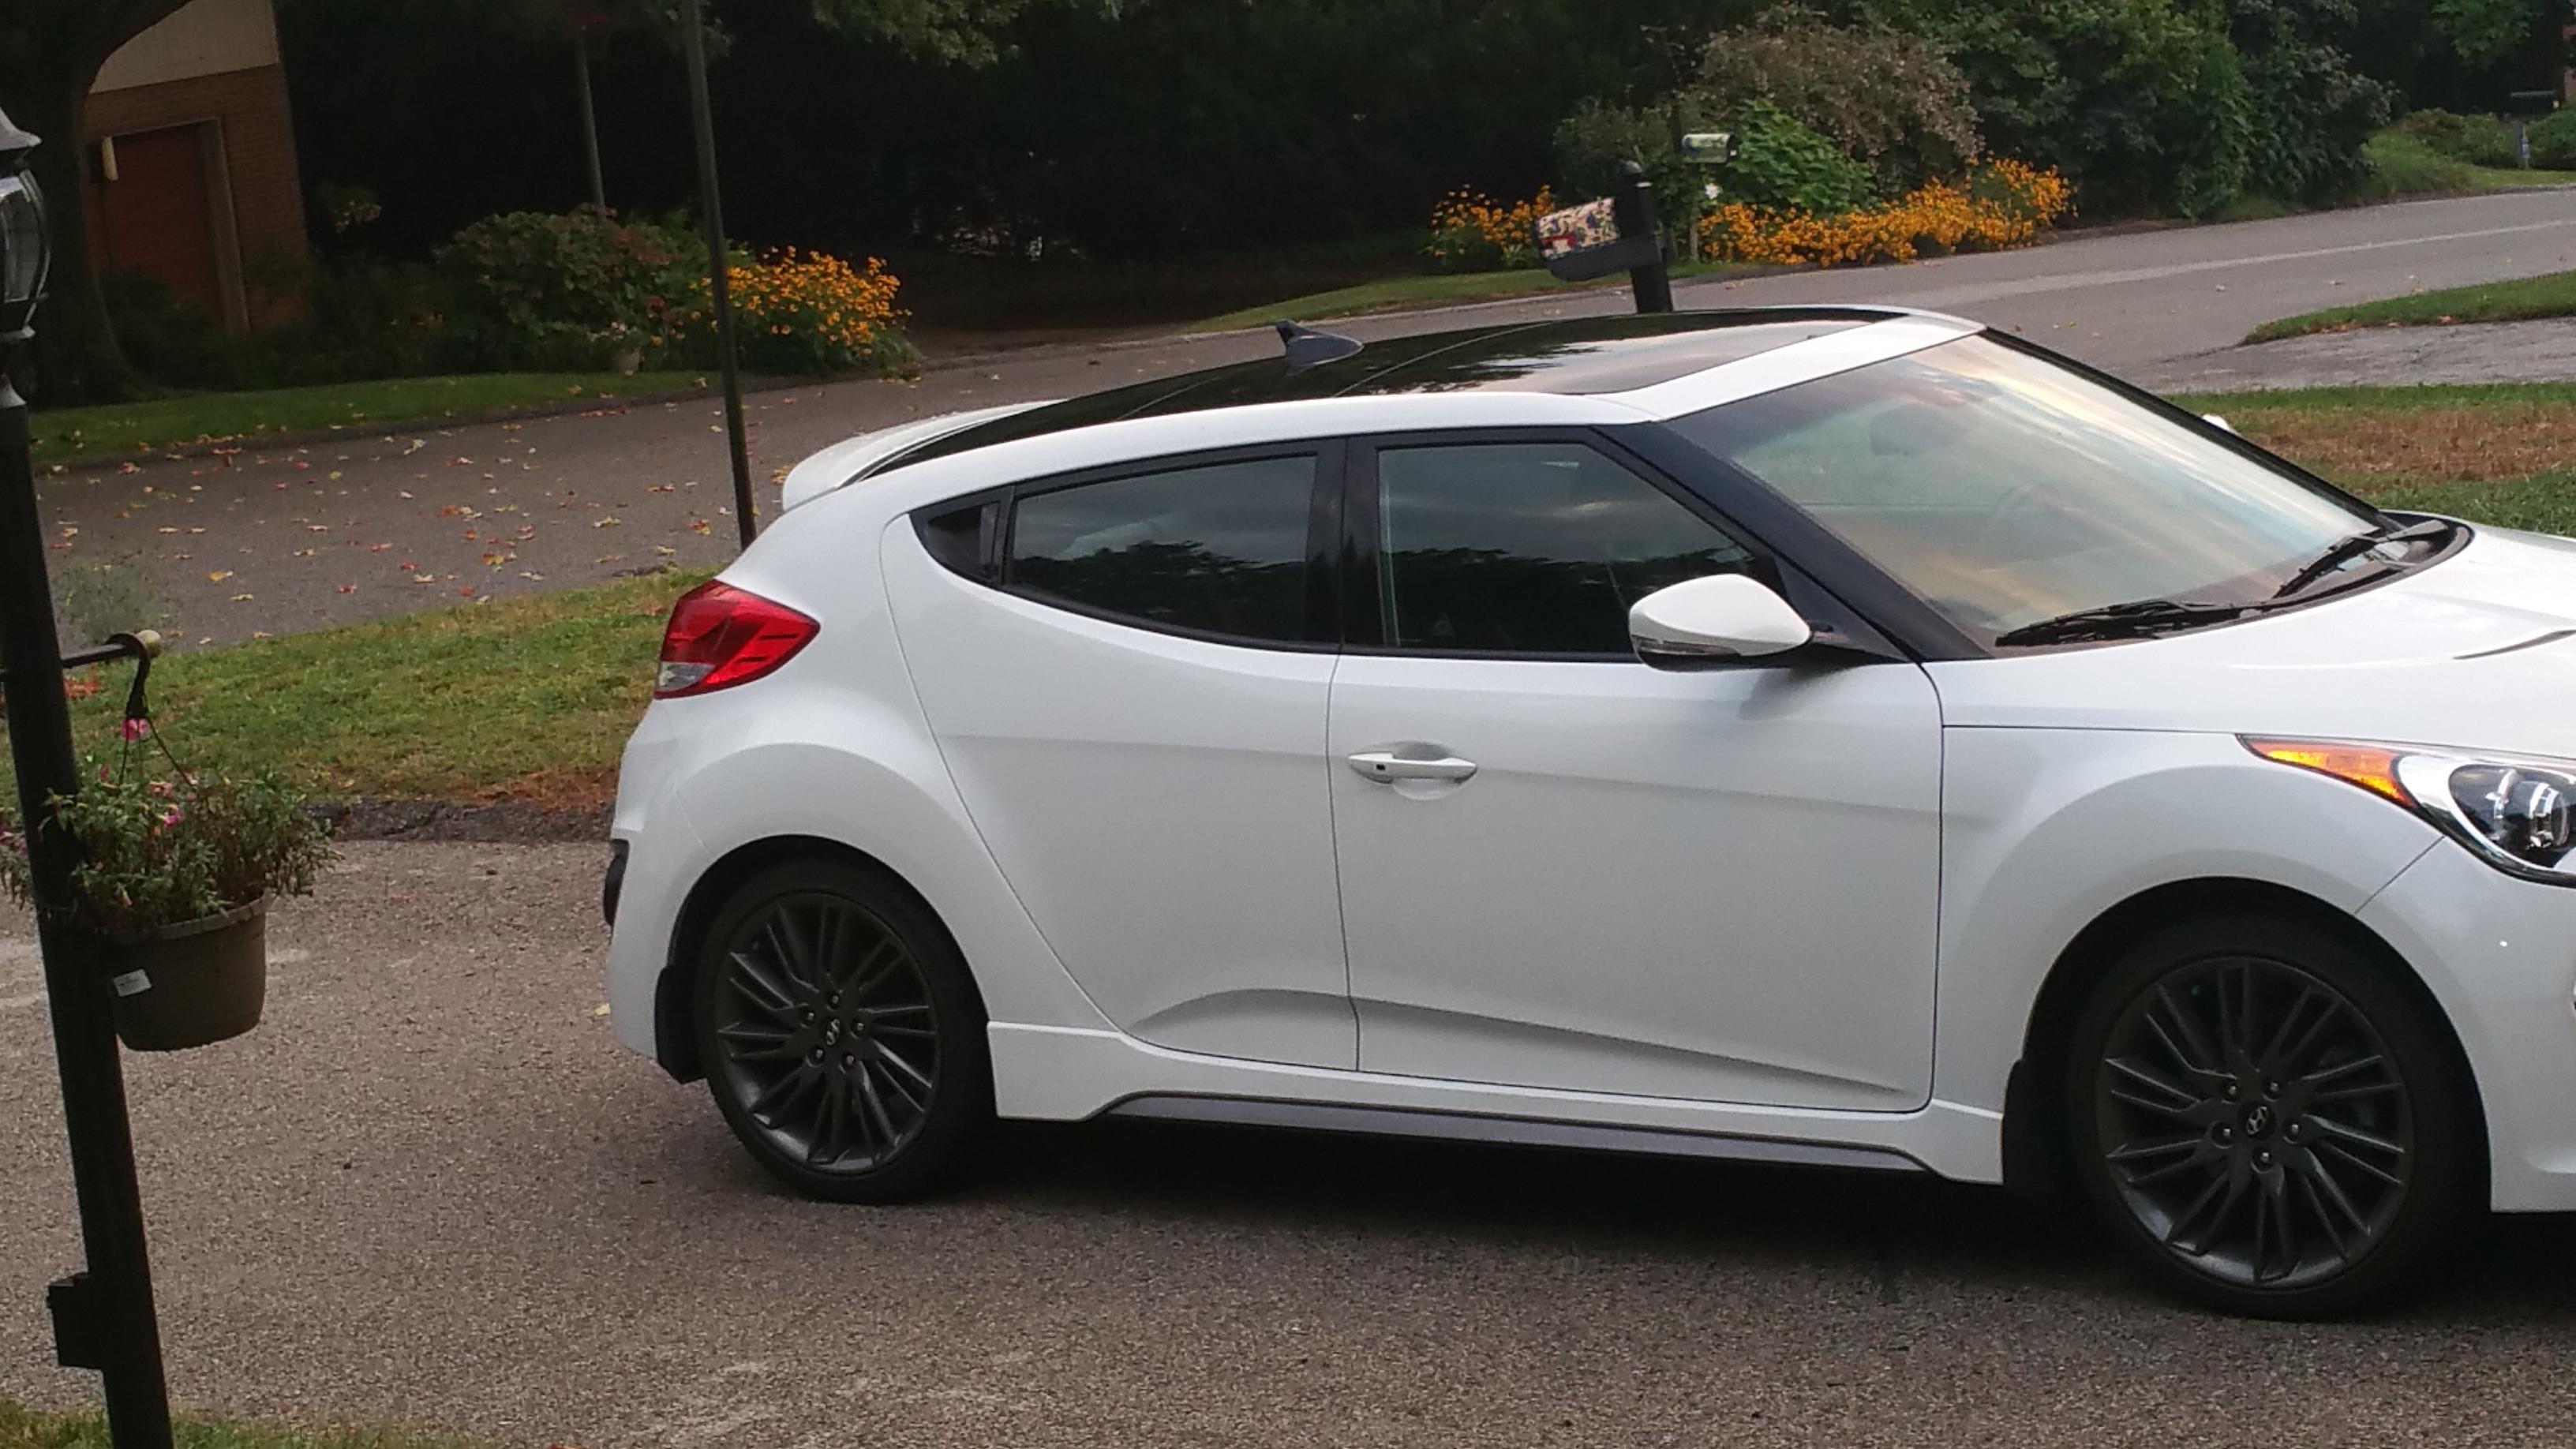 2014 Elite White Cpo With Hyundai Cpo Wrap Veloster Turbo Tech